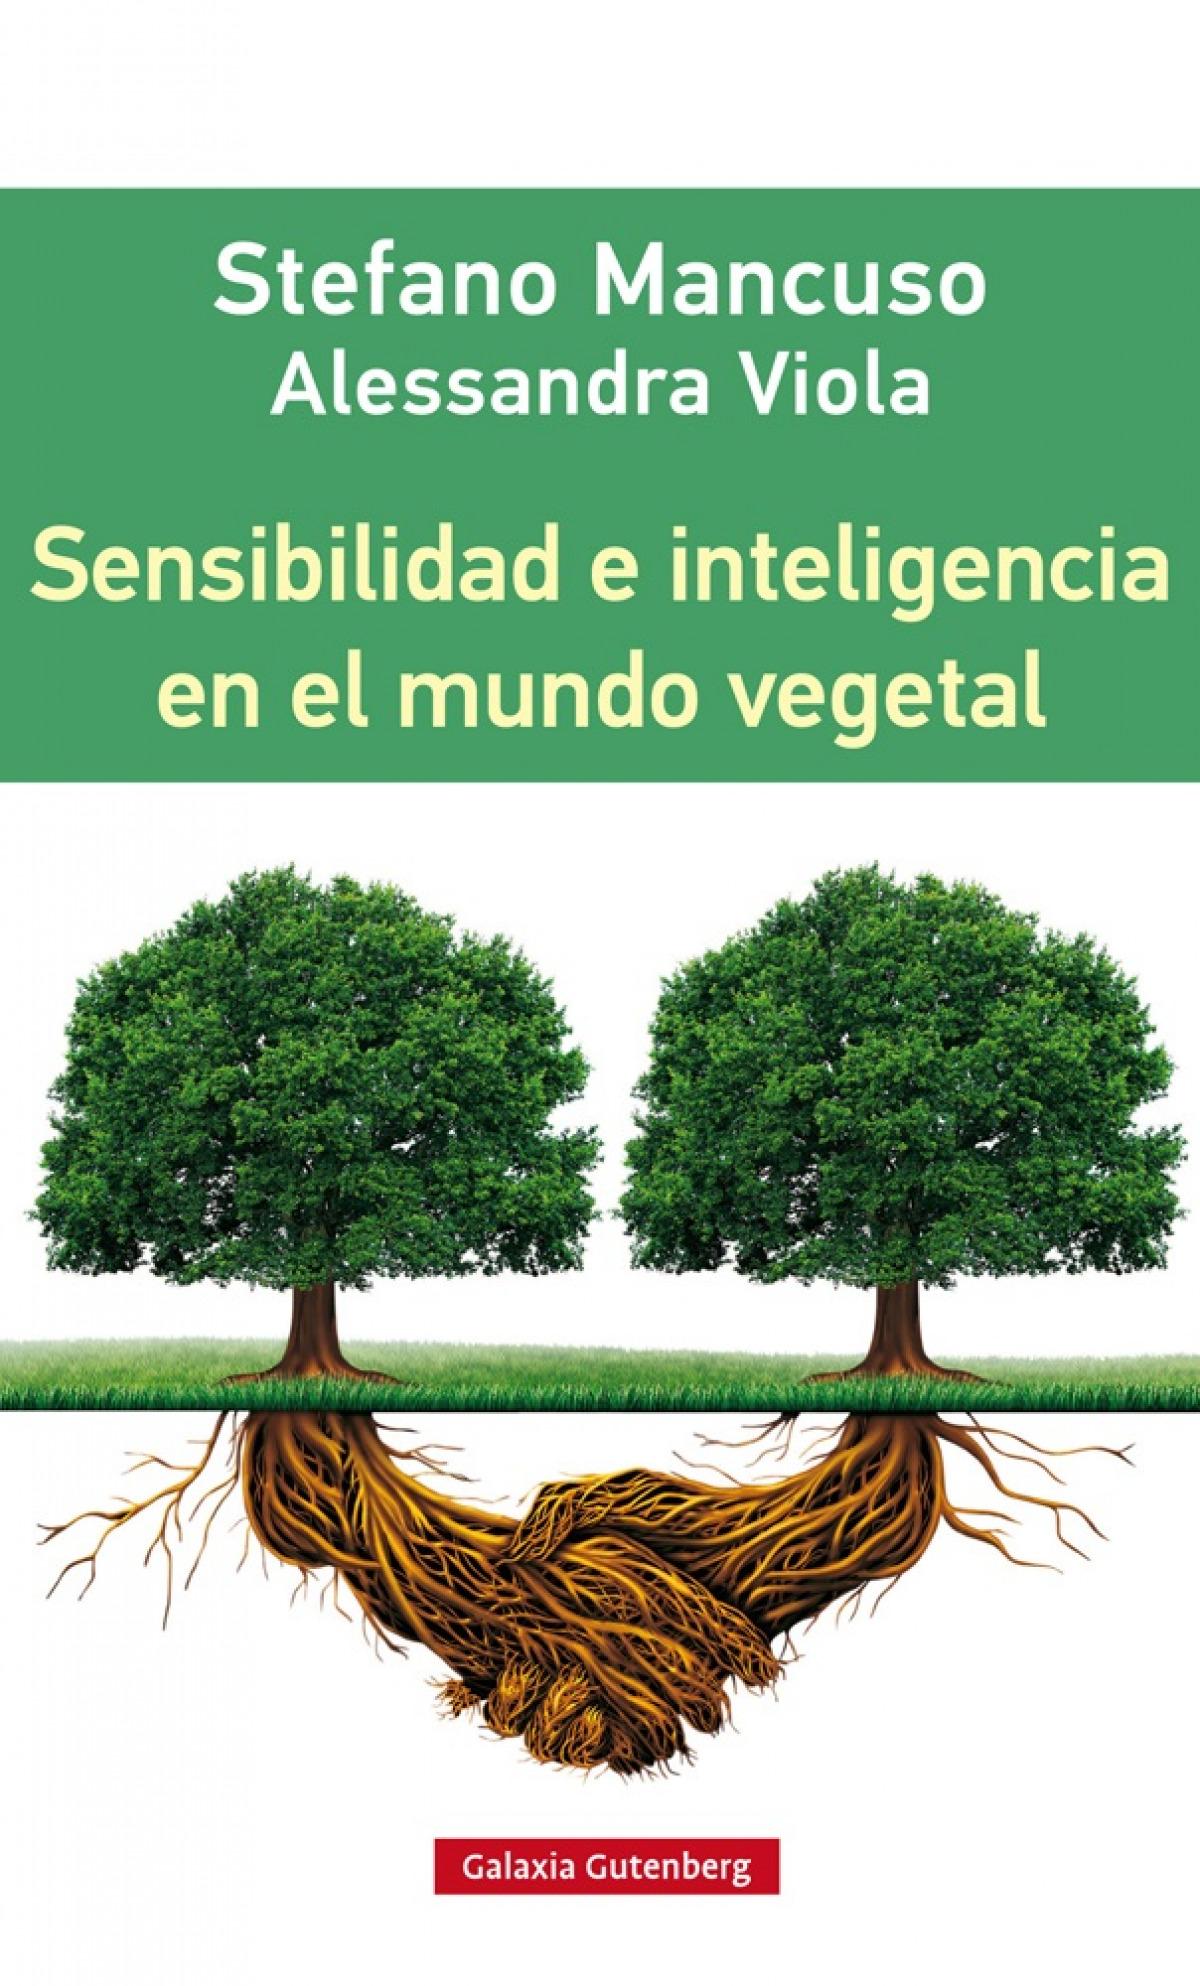 Sensibilidad e inteligencia en el mundo vegetal